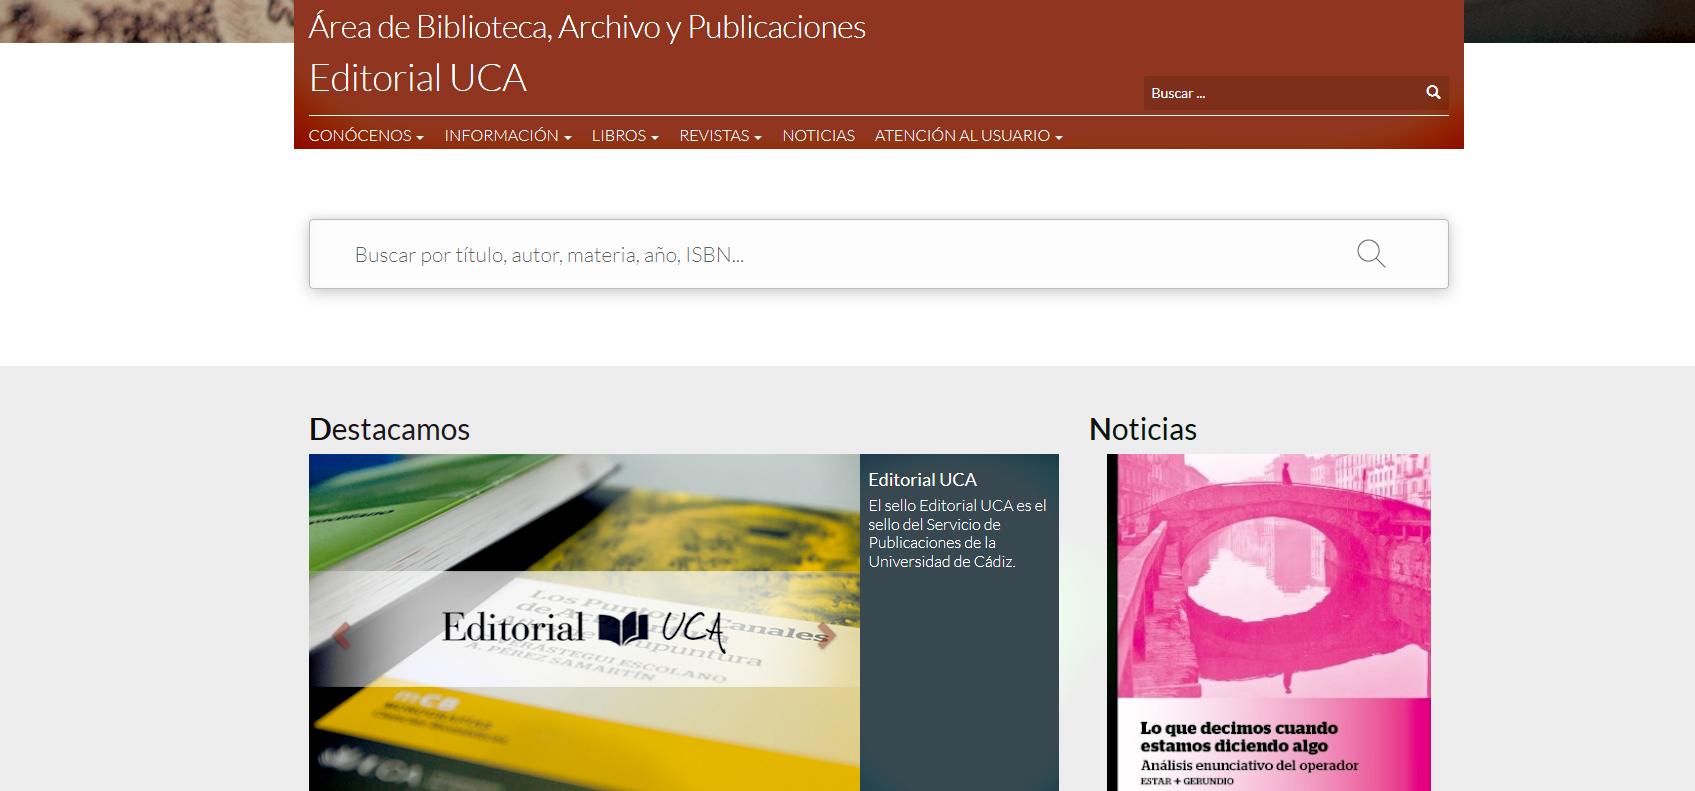 Editorial UCA renueva sus certificados y sellos de calidad